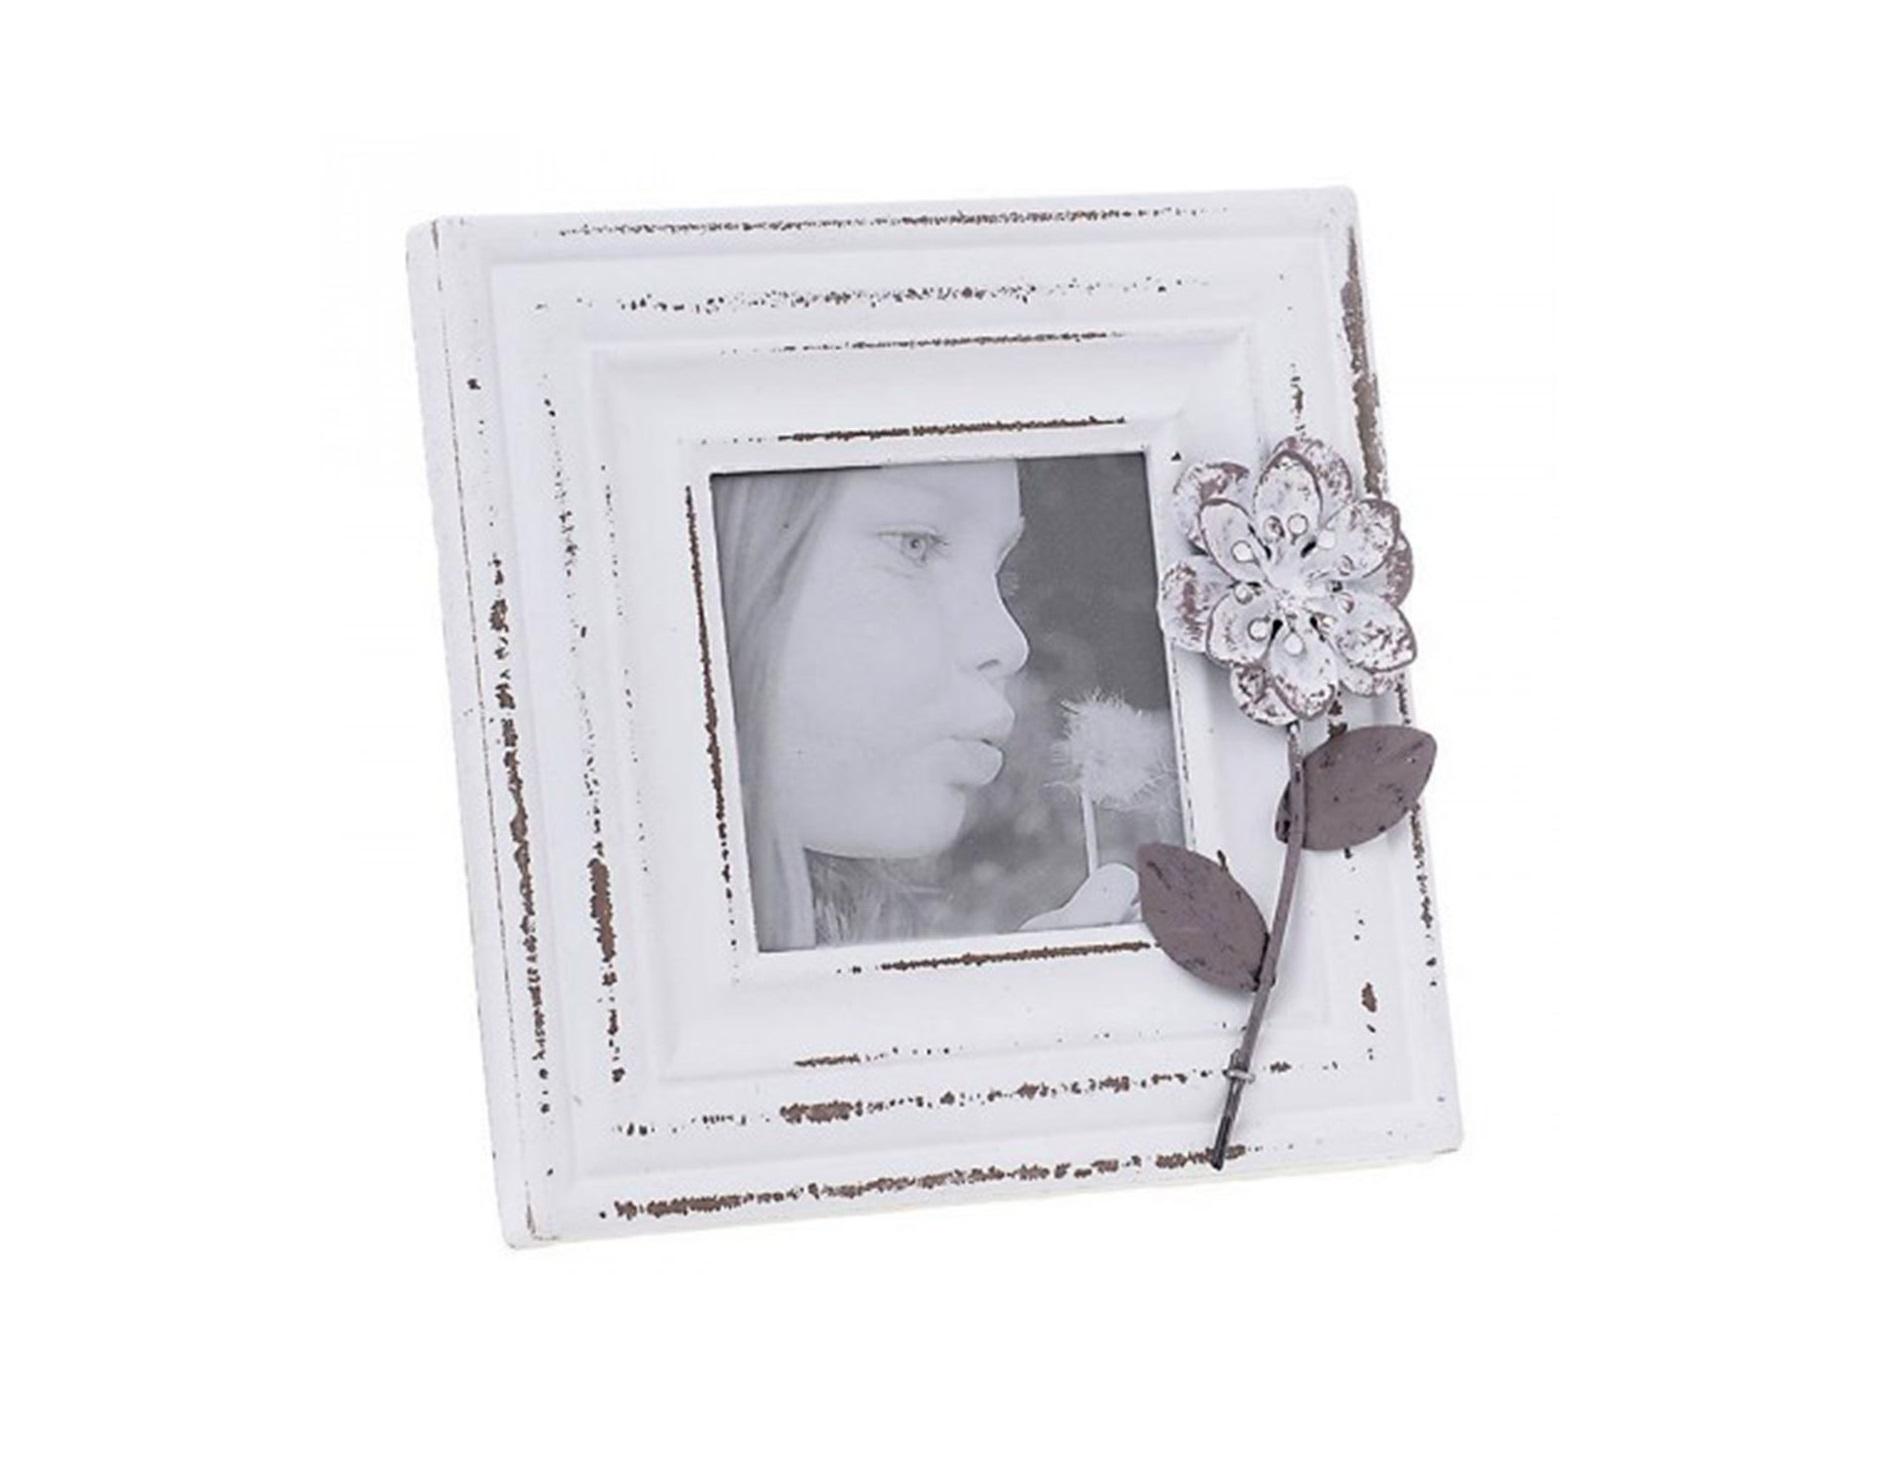 Фоторамка DoloresРамки для фотографий<br>Материалы: мдф, полистоун.<br><br>Material: МДФ<br>Ширина см: 20<br>Высота см: 20<br>Глубина см: 2